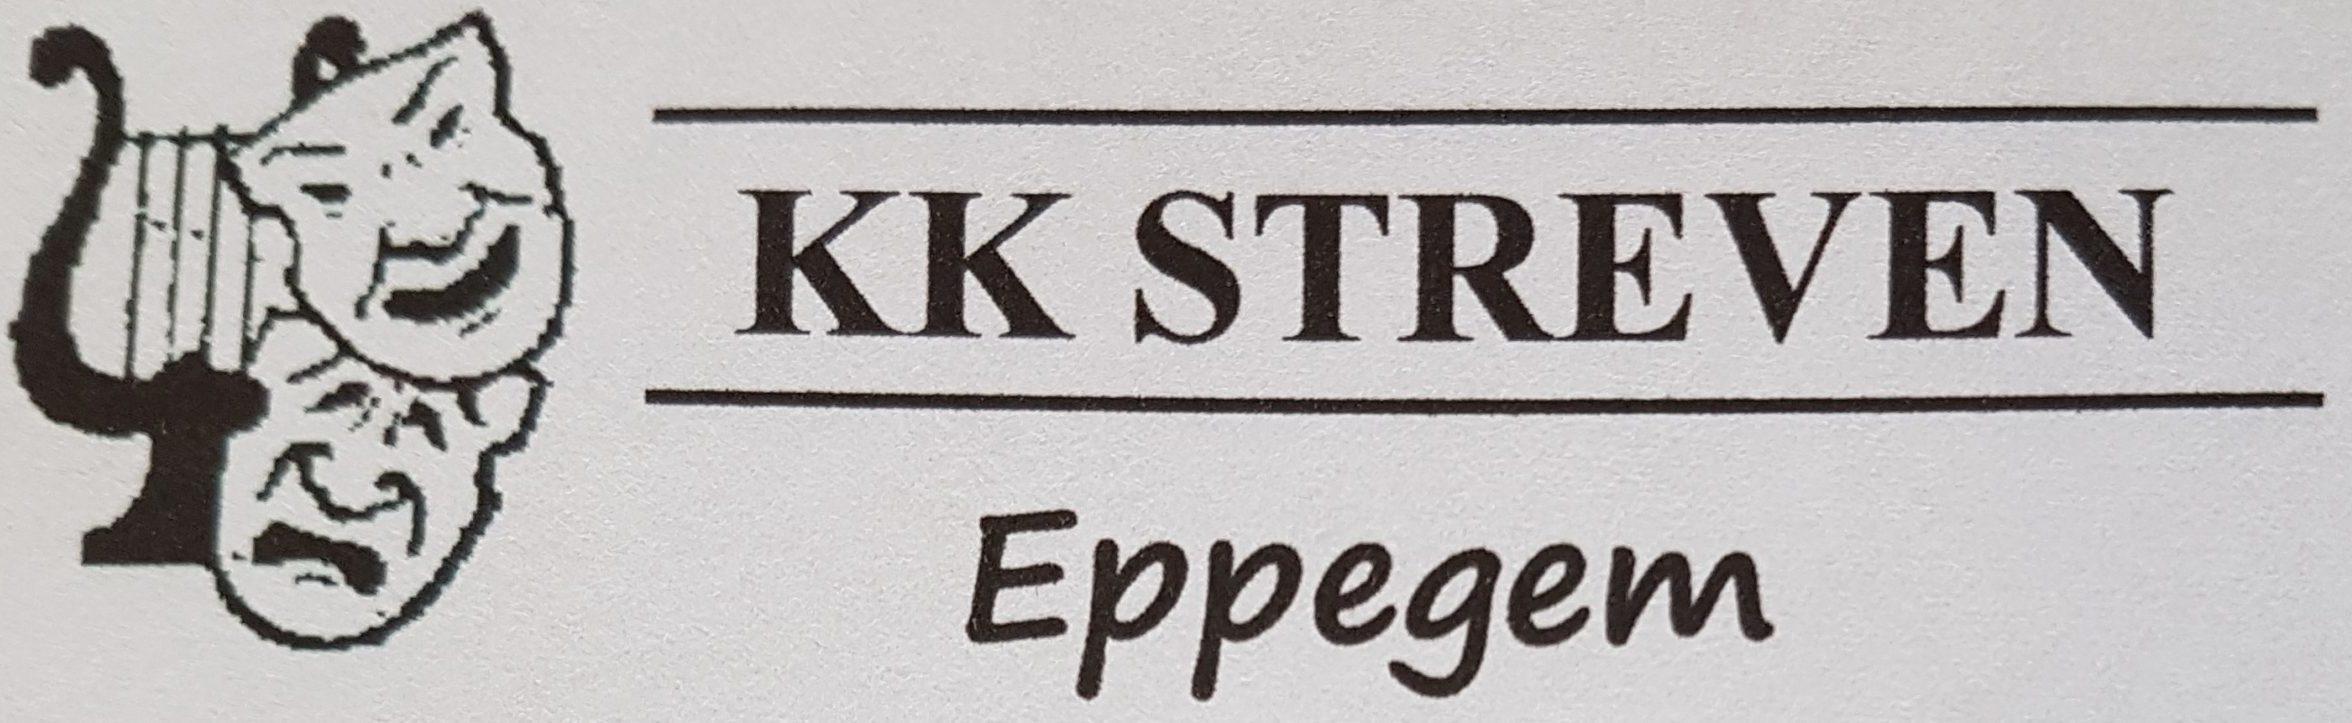 KK Streven